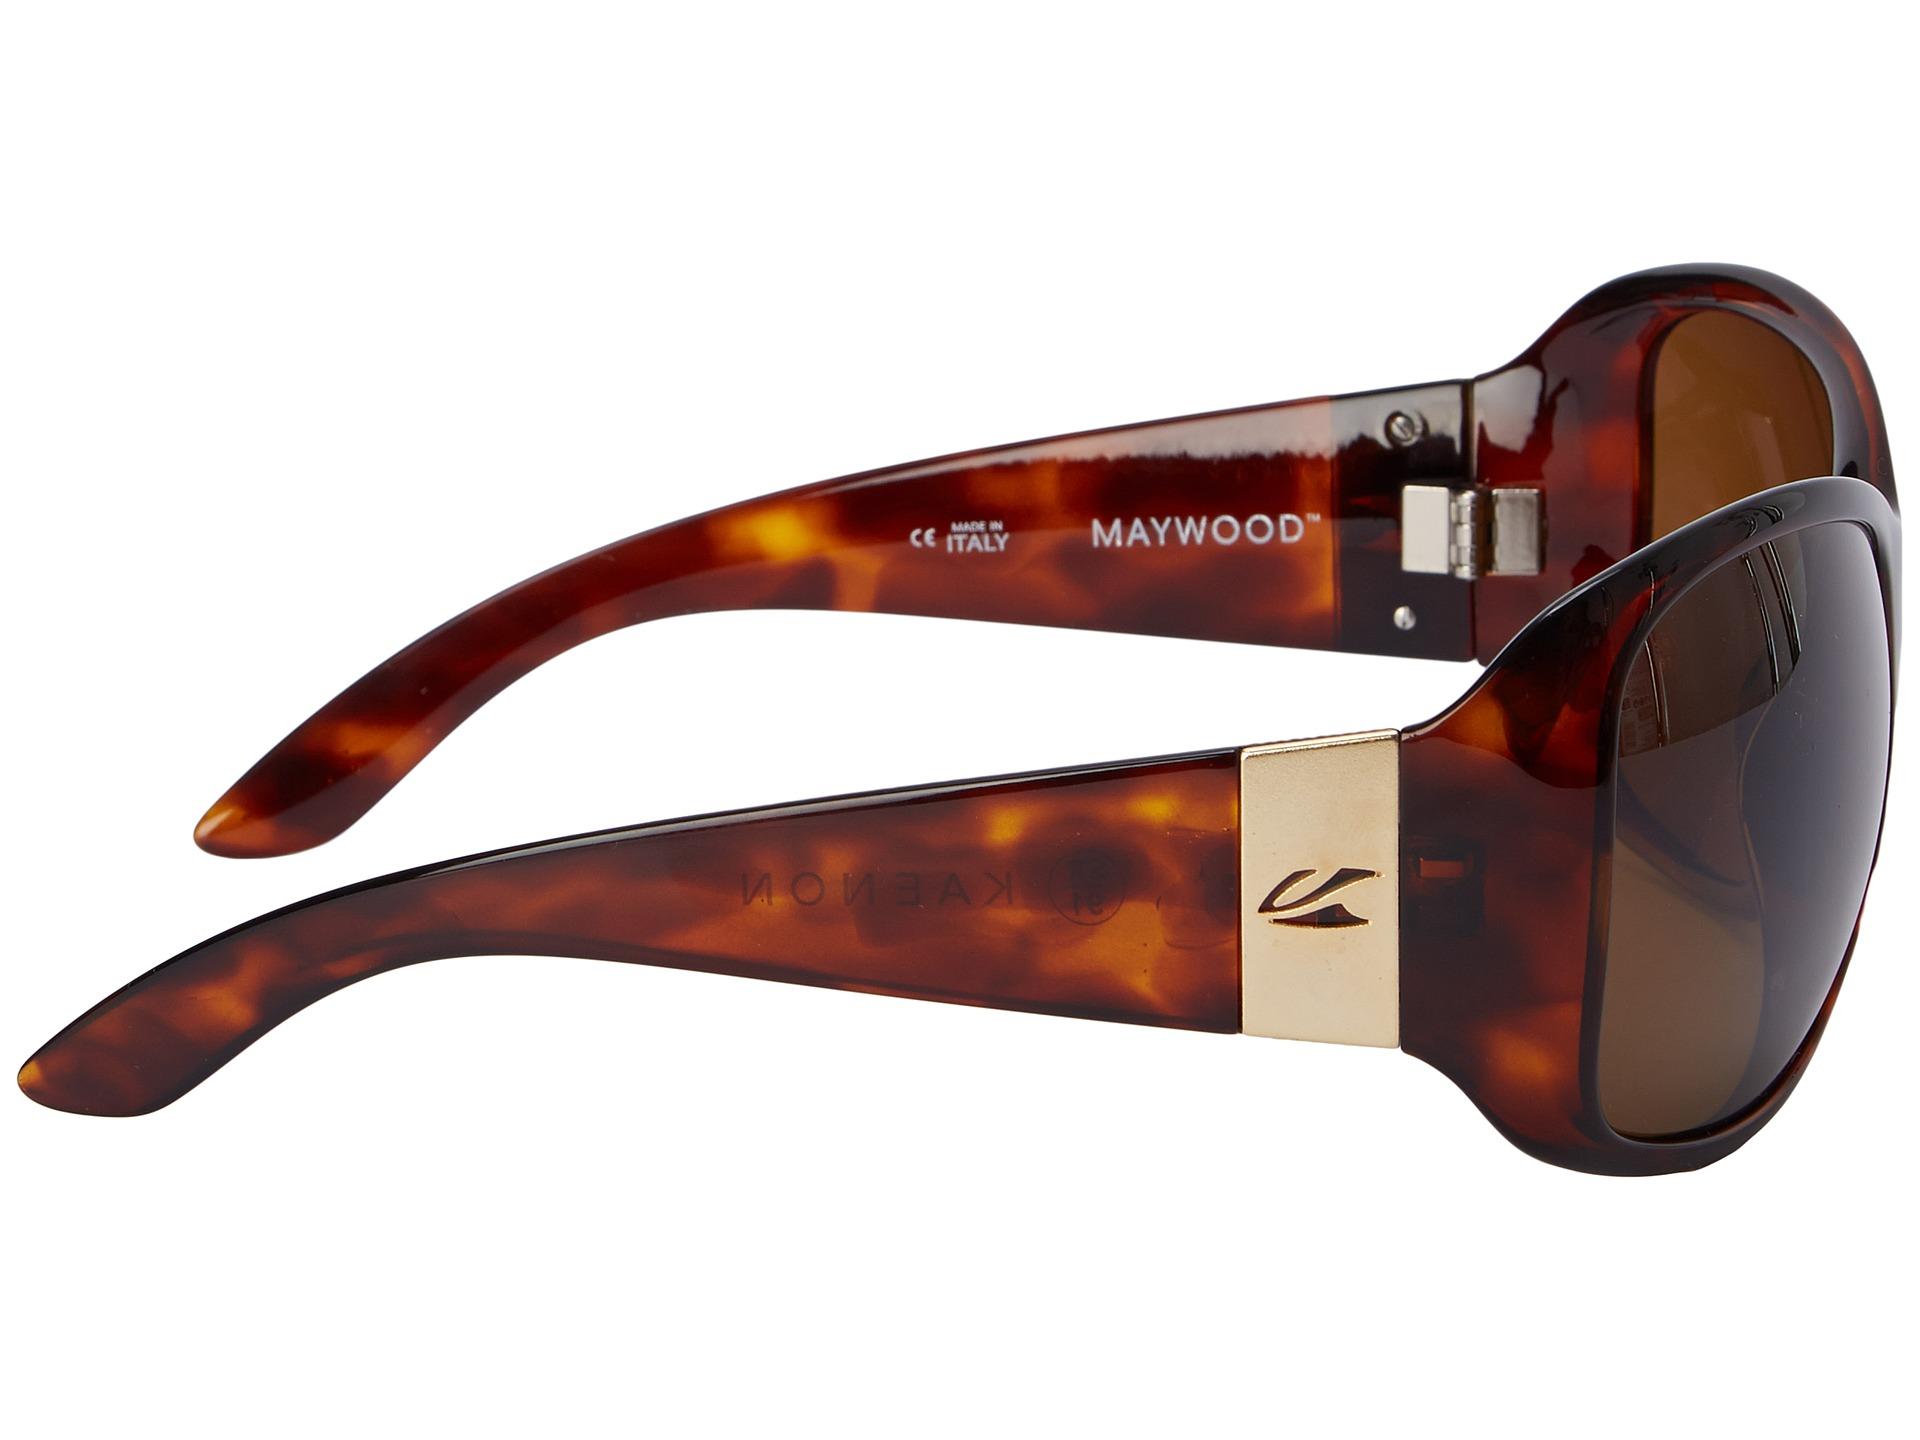 ... coupon code for inexpensive jual kacamata rayban aviator kaskus 0fa26  02ed0 0eb00 8e49c e8ffc09ee4